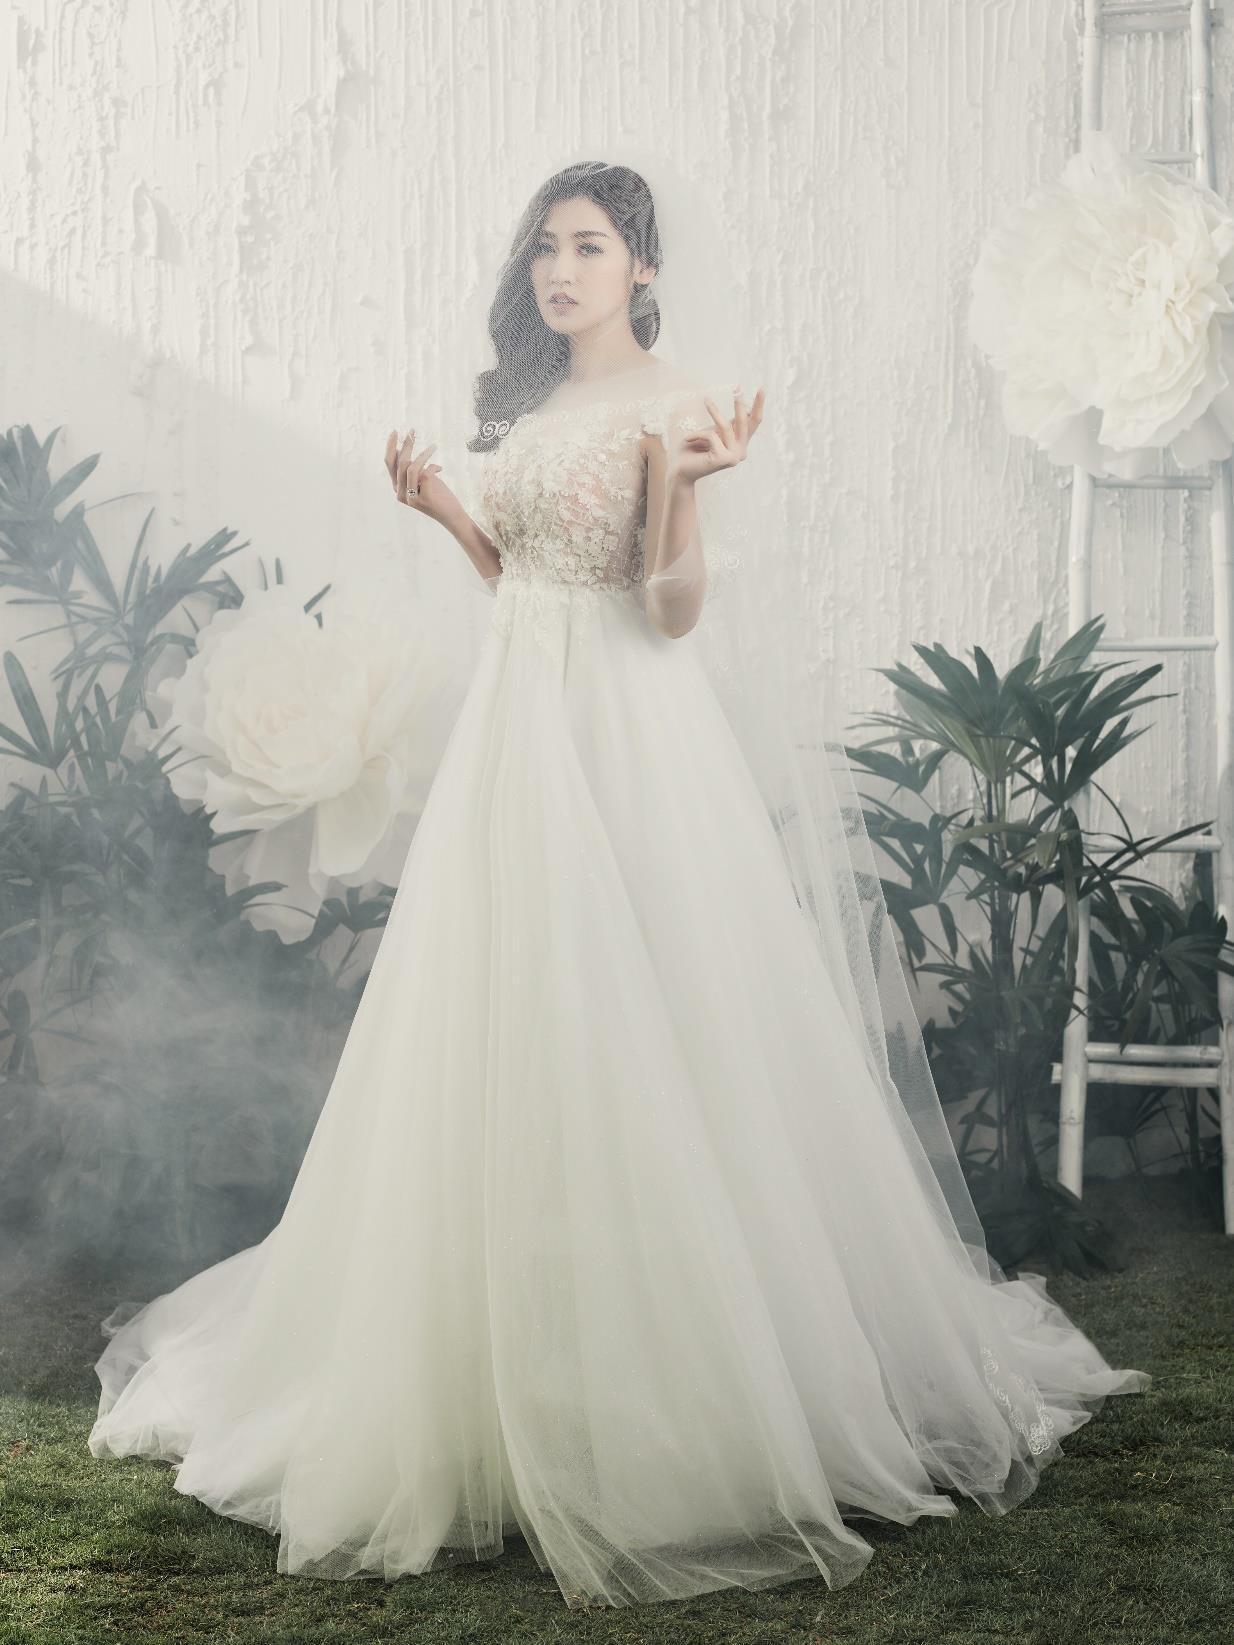 Á hậu Tú Anh đẹp thuần khiết trong BST váy cưới 2017 của Hacchic Bridal - Ảnh 10.